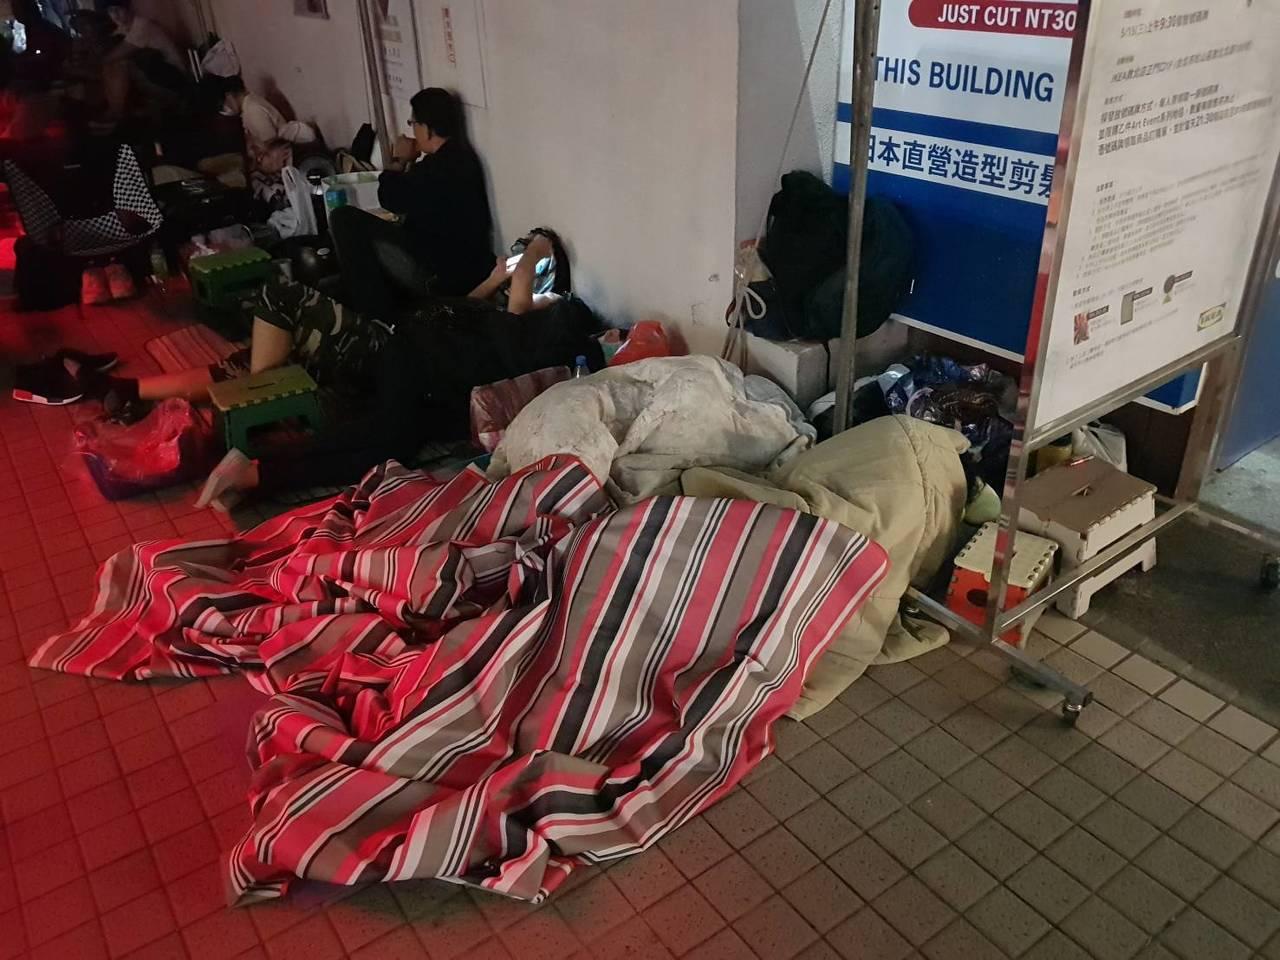 排在第一位的民眾,攜帶有毛毯、睡墊等配件,在現場排隊5天。記者陳睿中/攝影